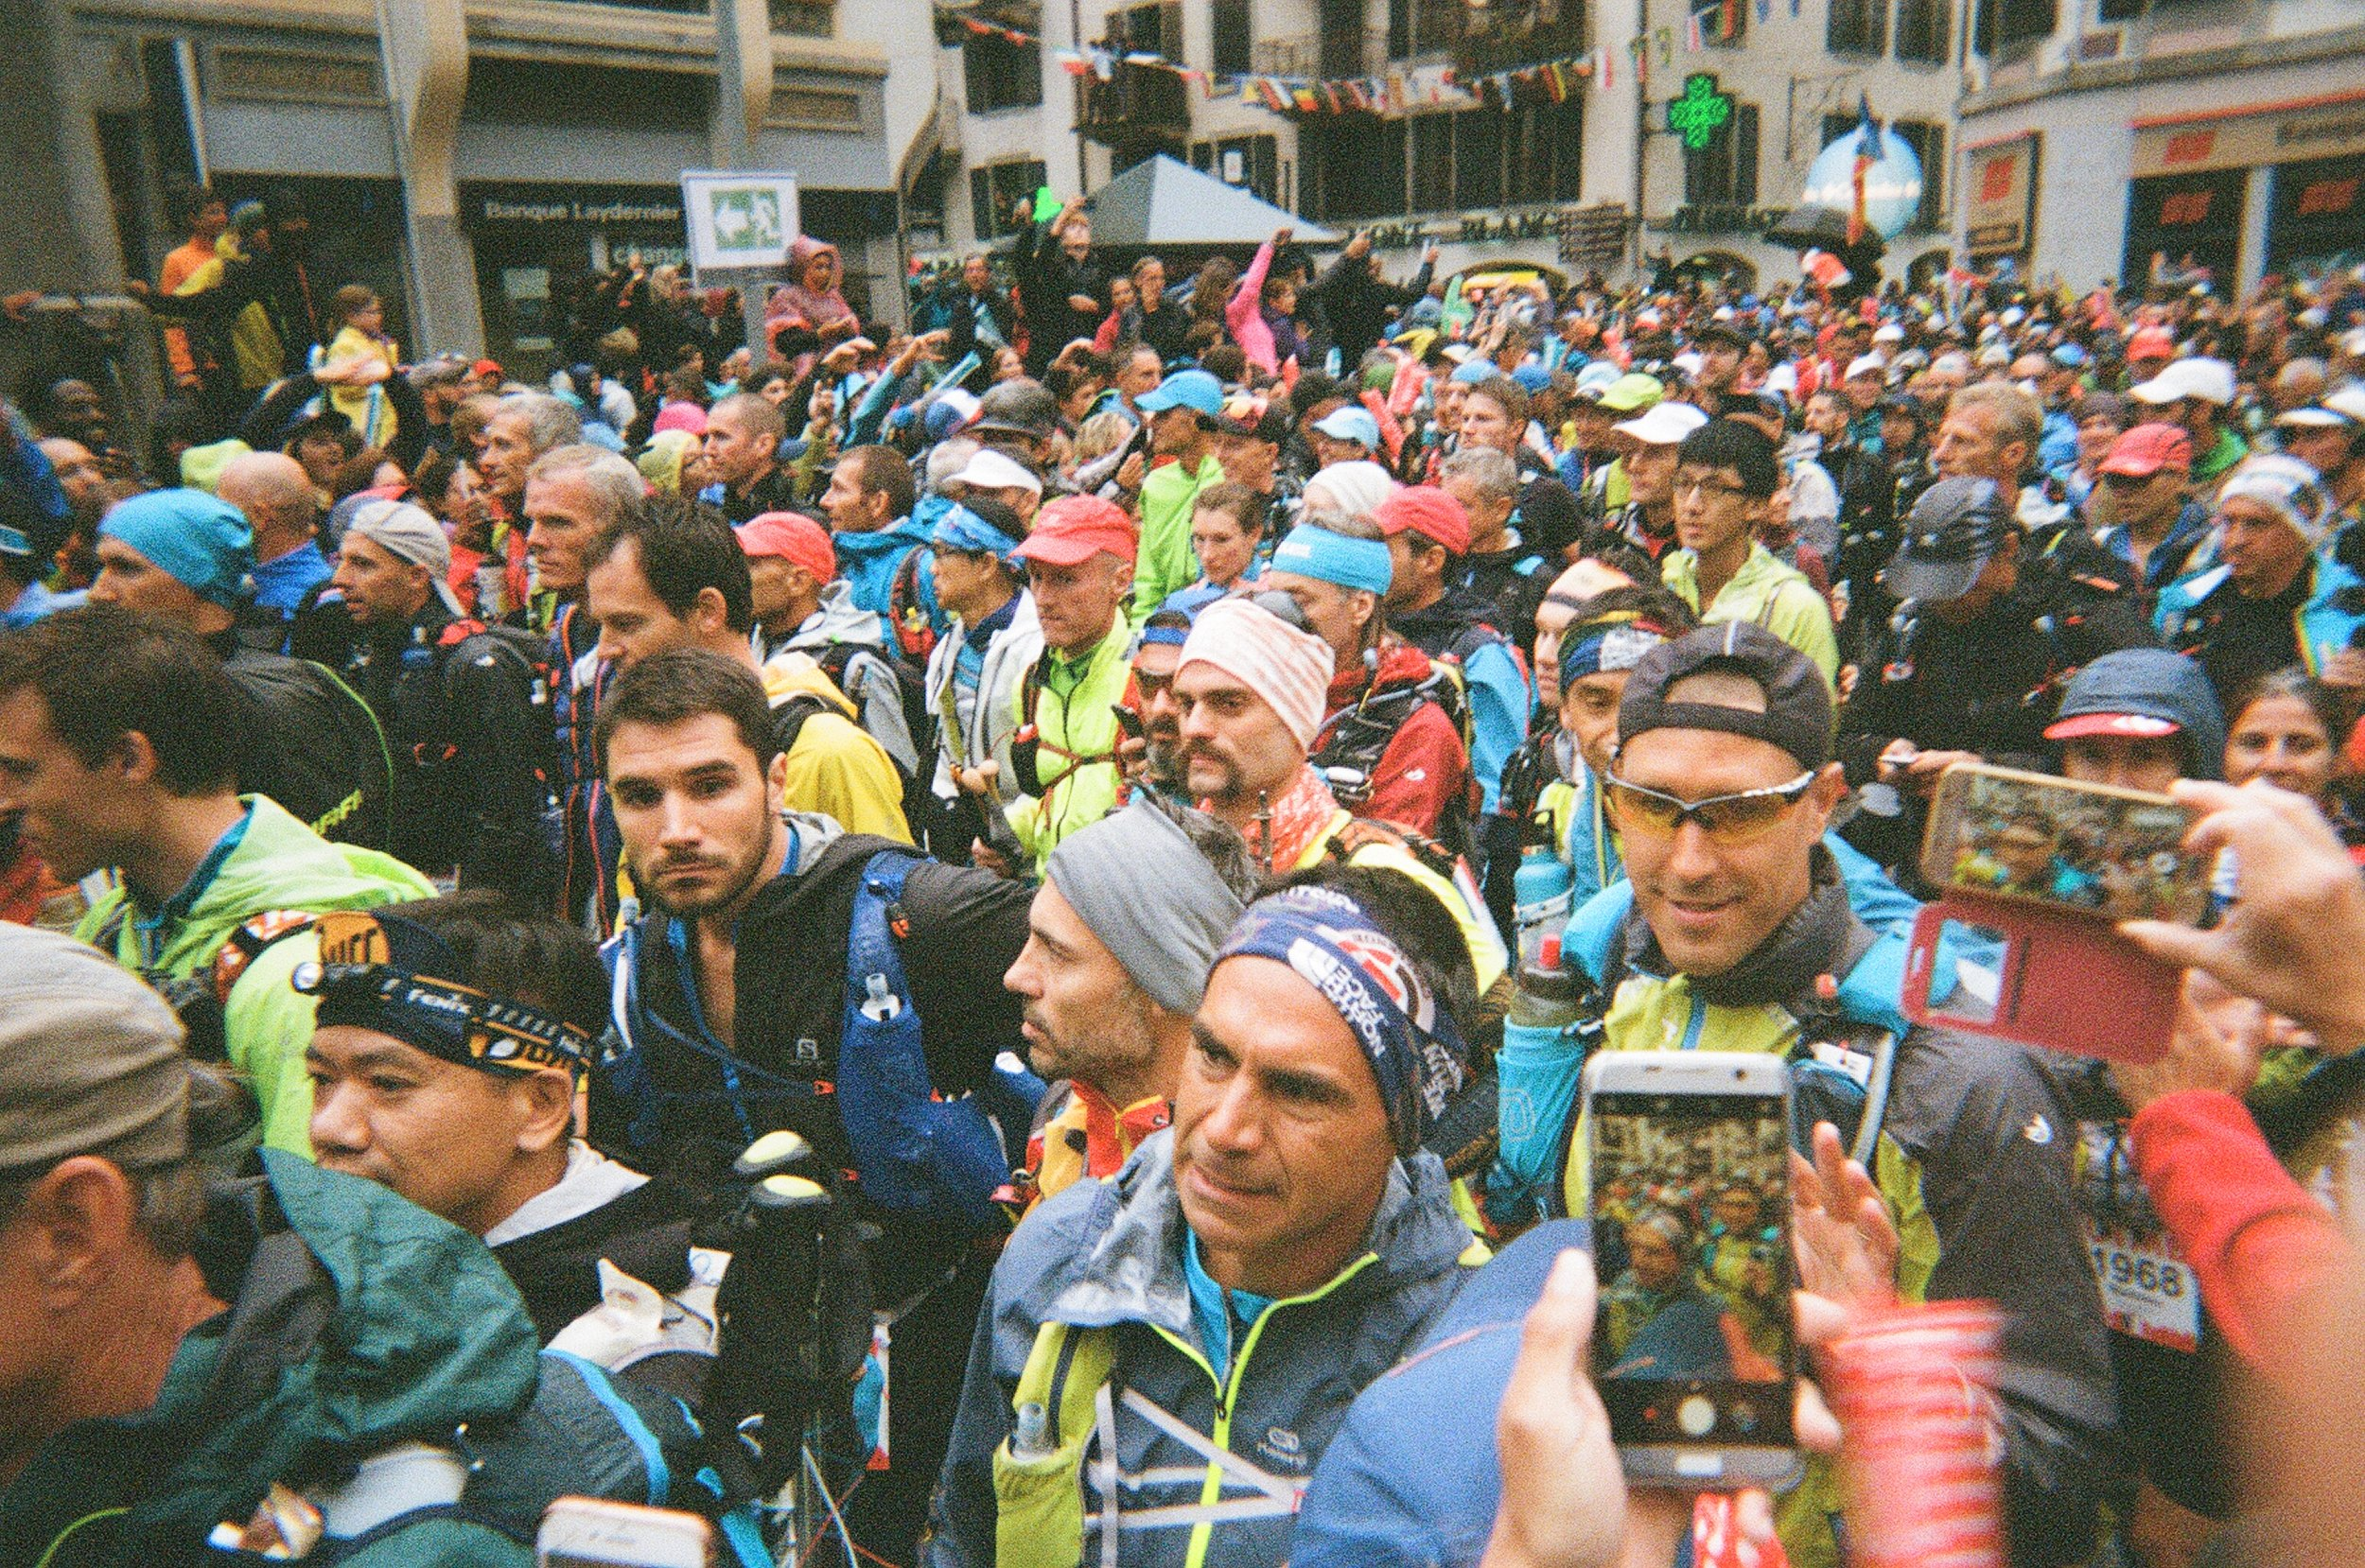 Nicki-Lange-Ultra-Trail-Du-Mont-Blanc-2018-20.jpg